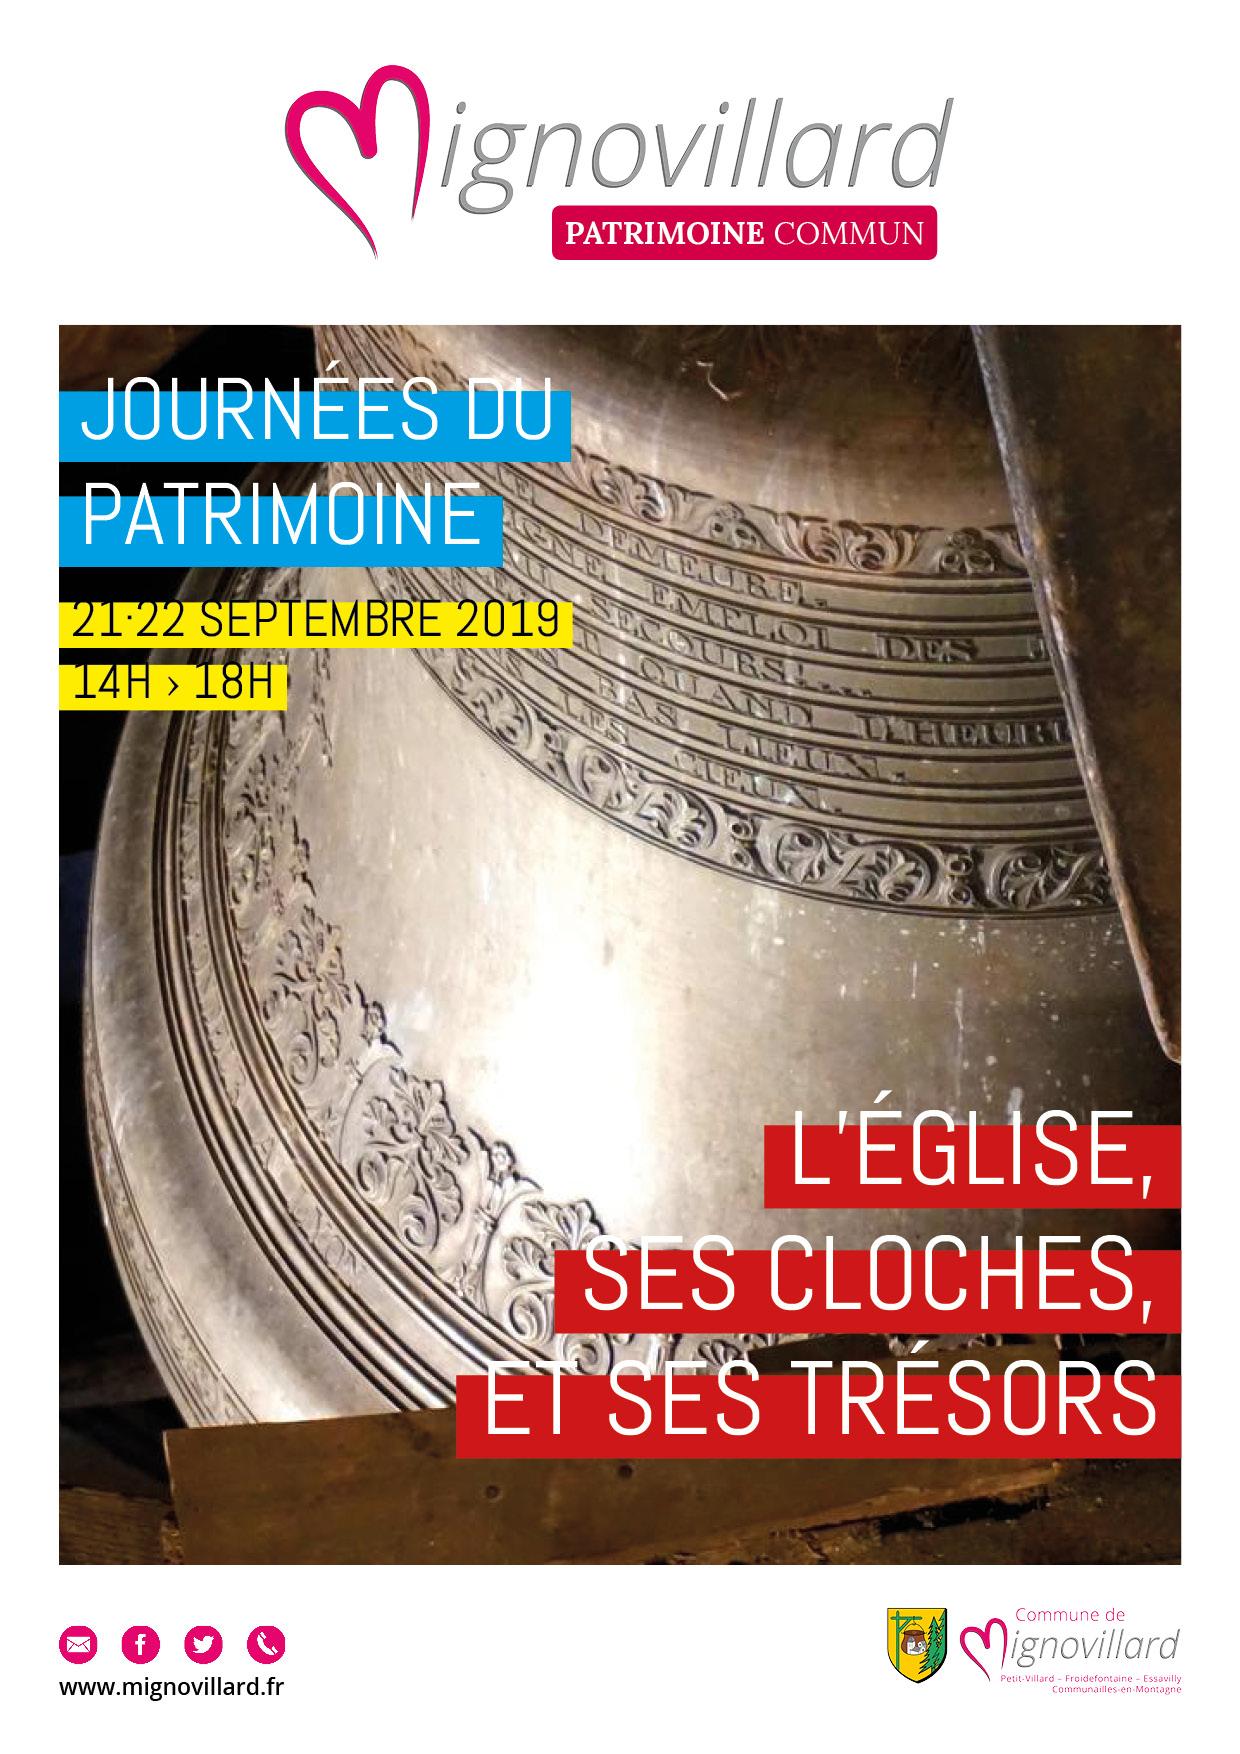 L'église, Ses Cloches Et Ses Trésors Pour Les Journées Du Patrimoine